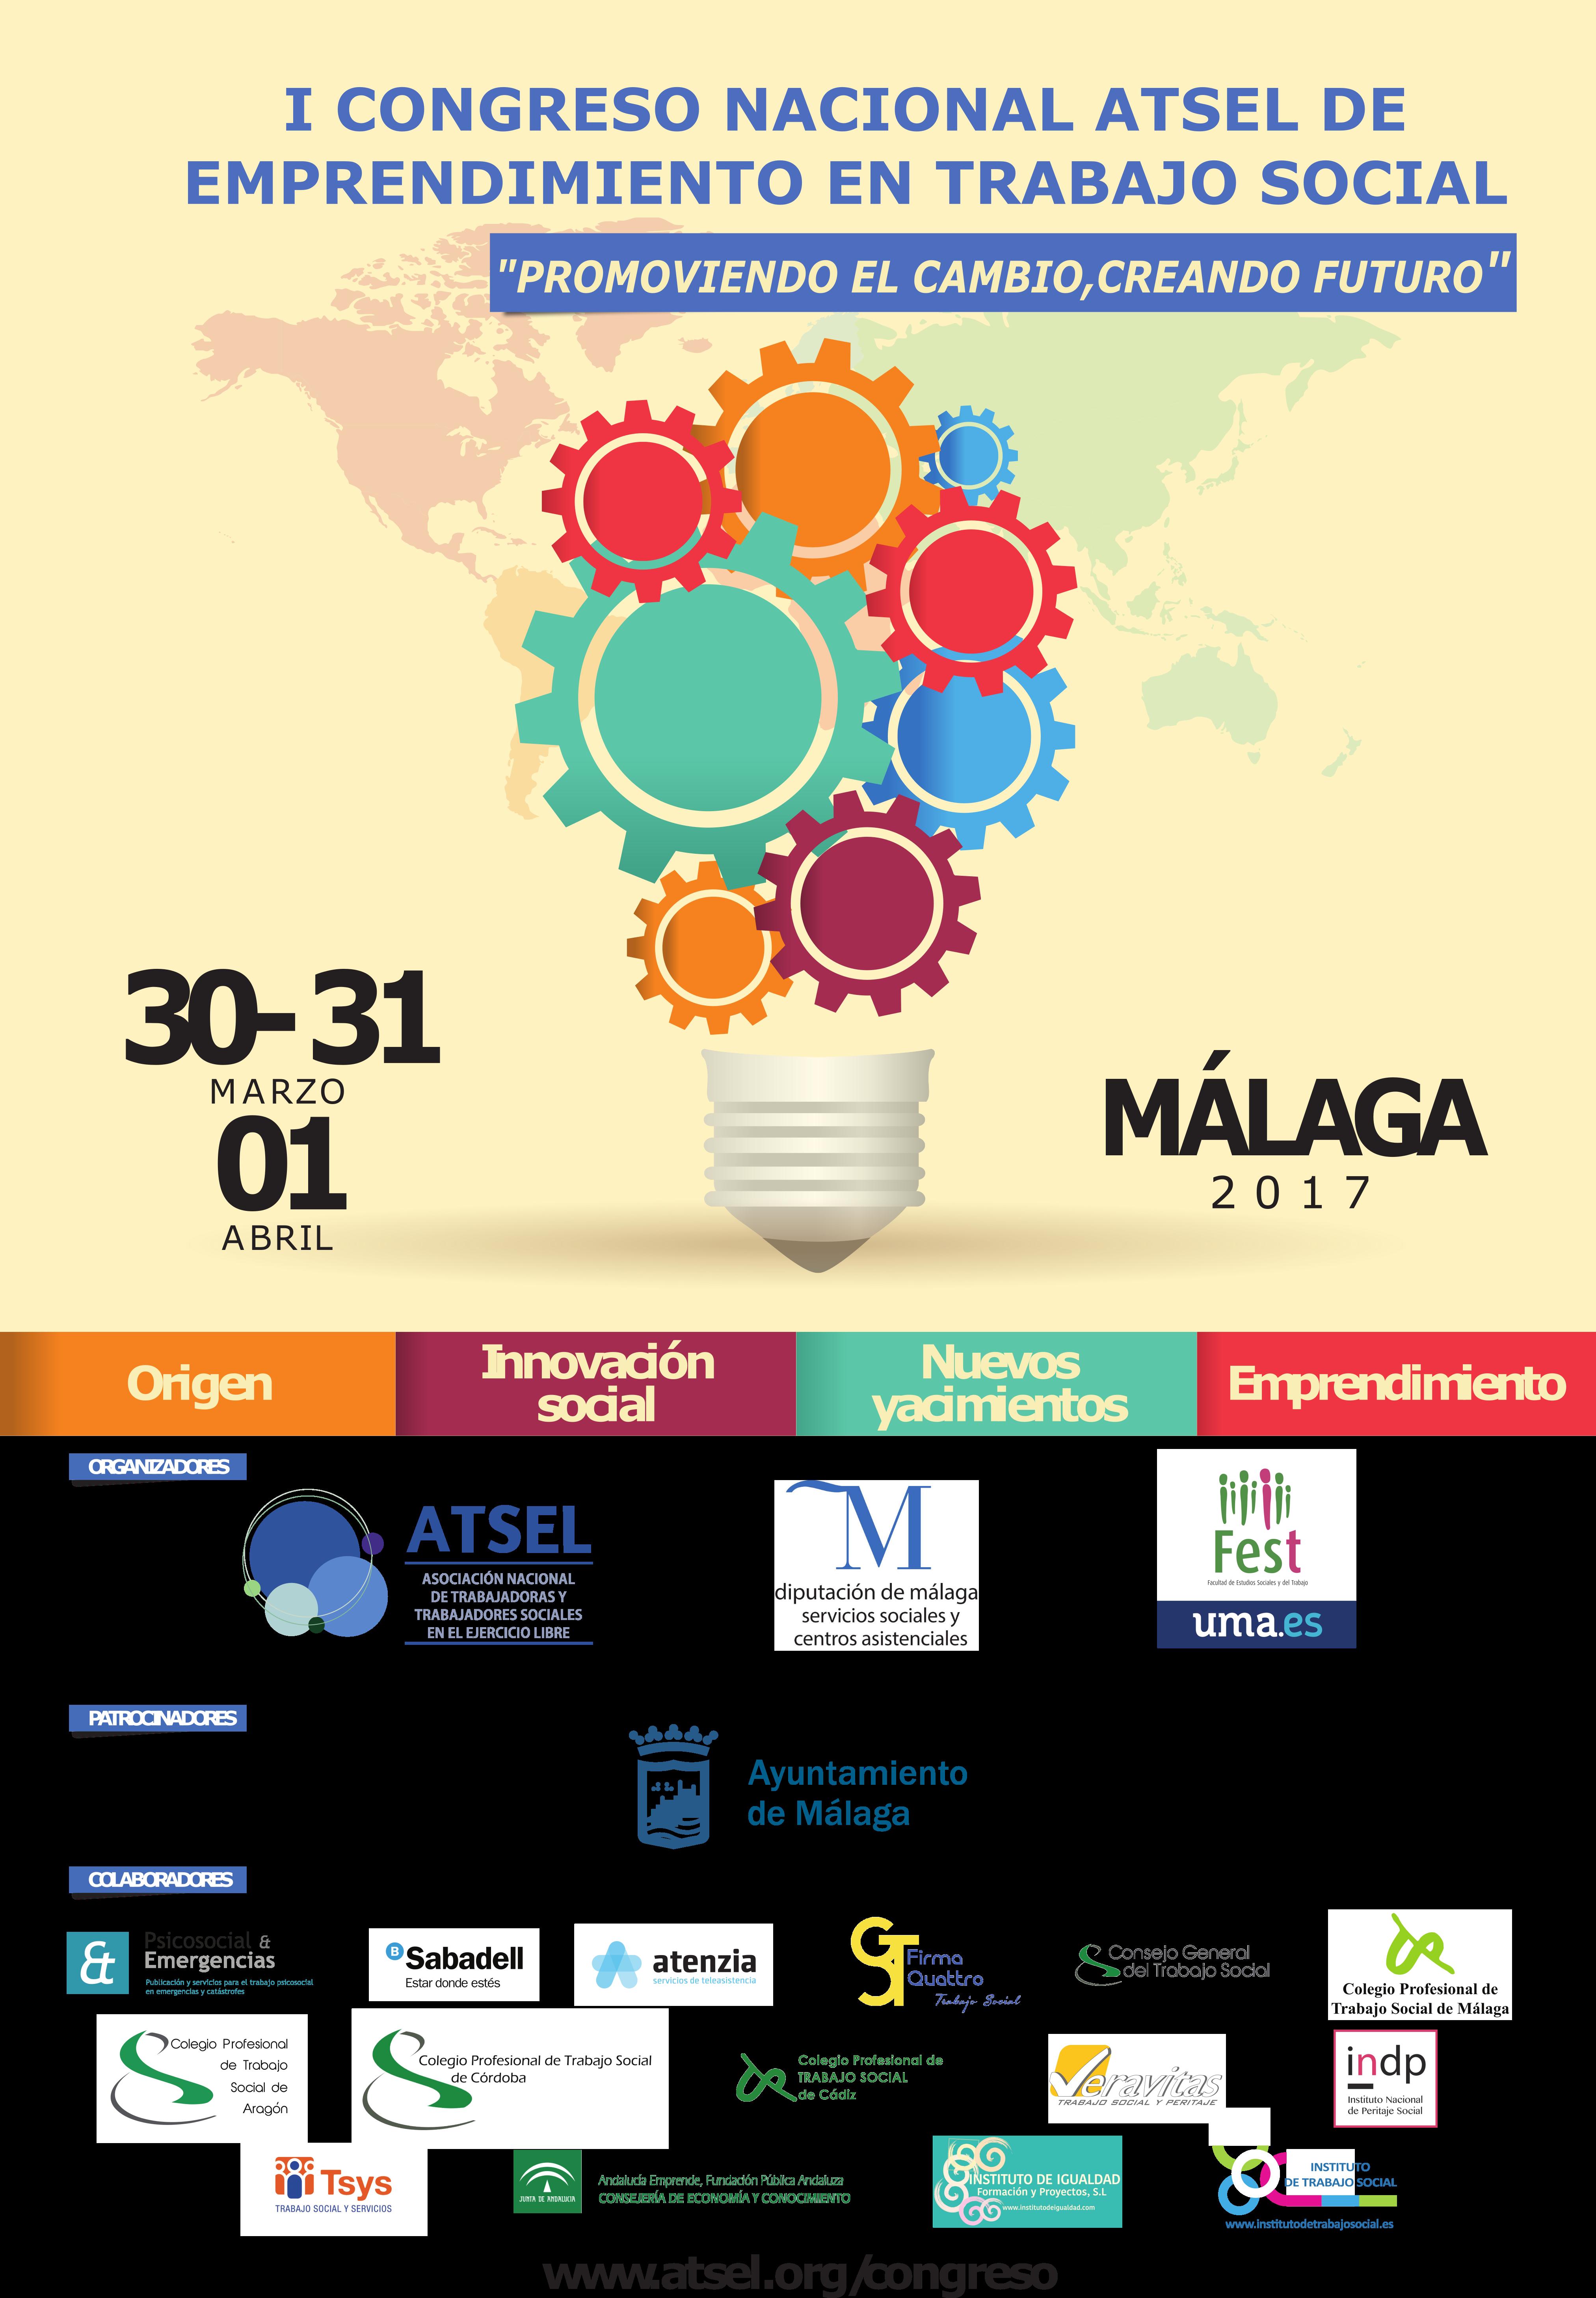 cartel-congreso-atsel-emprendimiento-trabajo-social-2